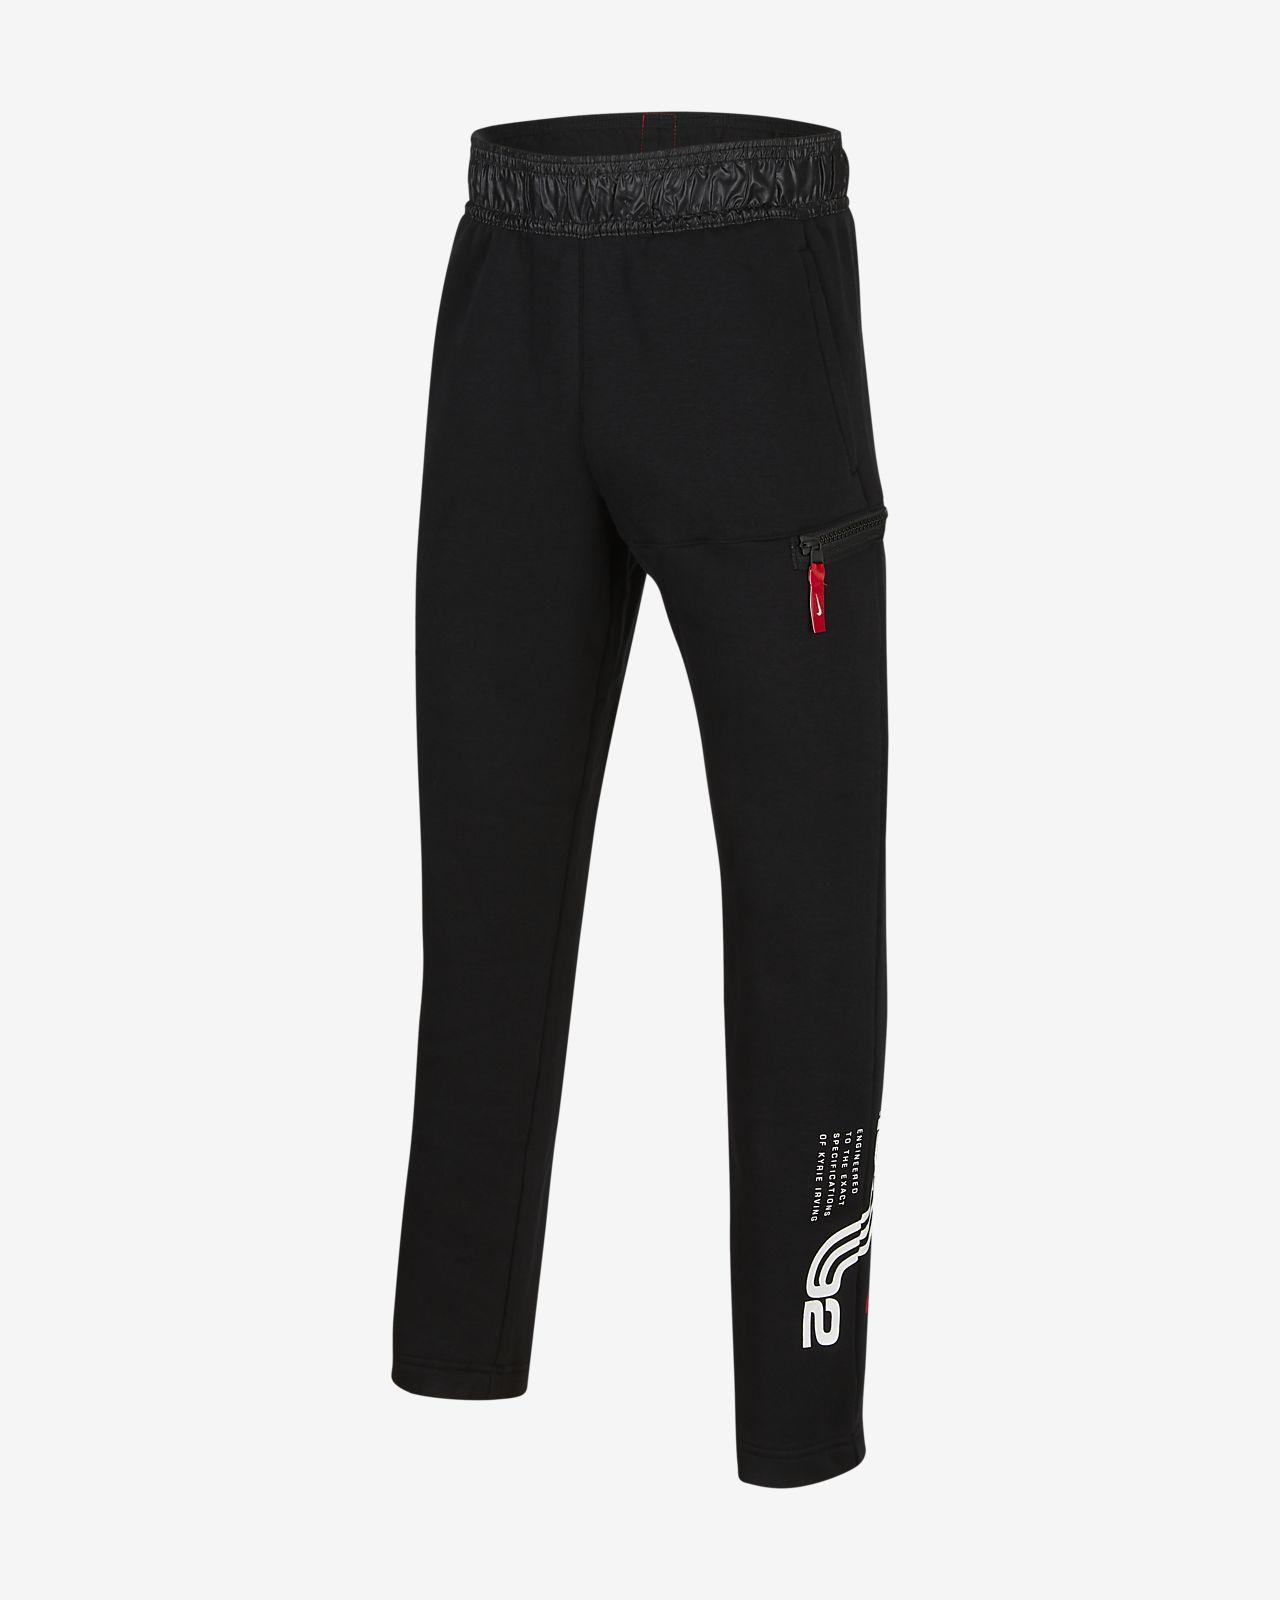 Kyrie Big Kids' Fleece Basketball Pants